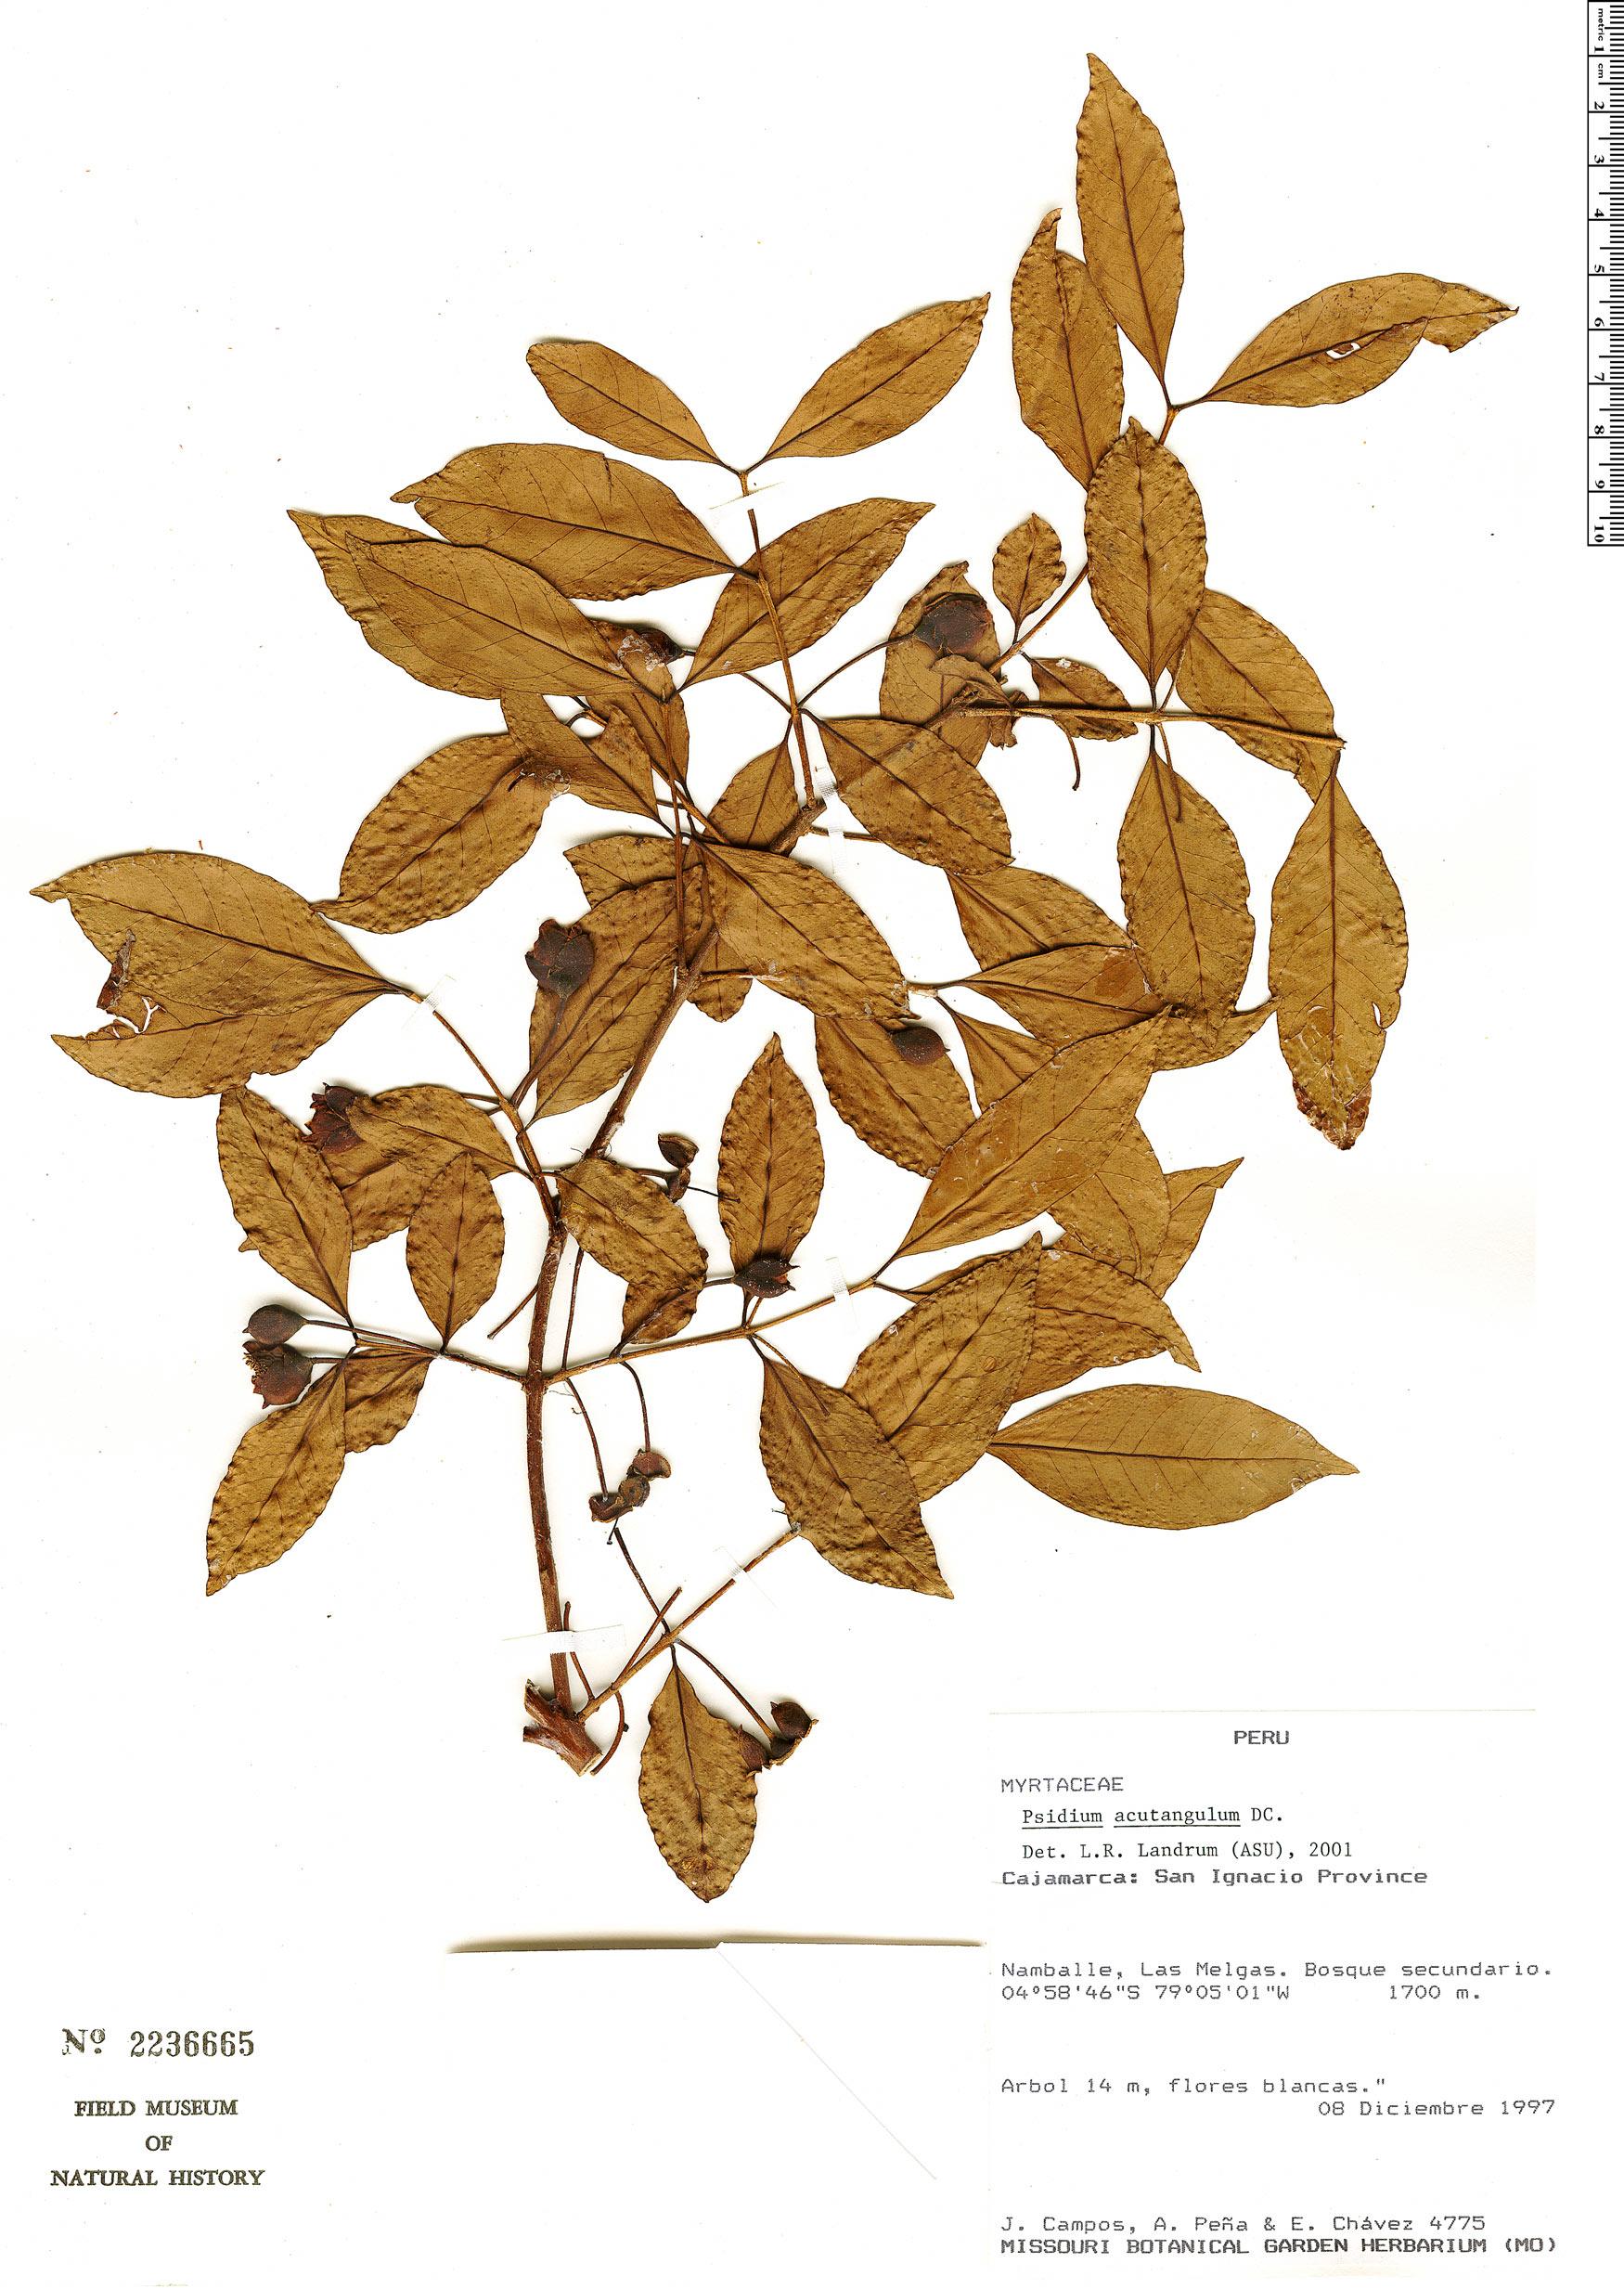 Specimen: Psidium acutangulum